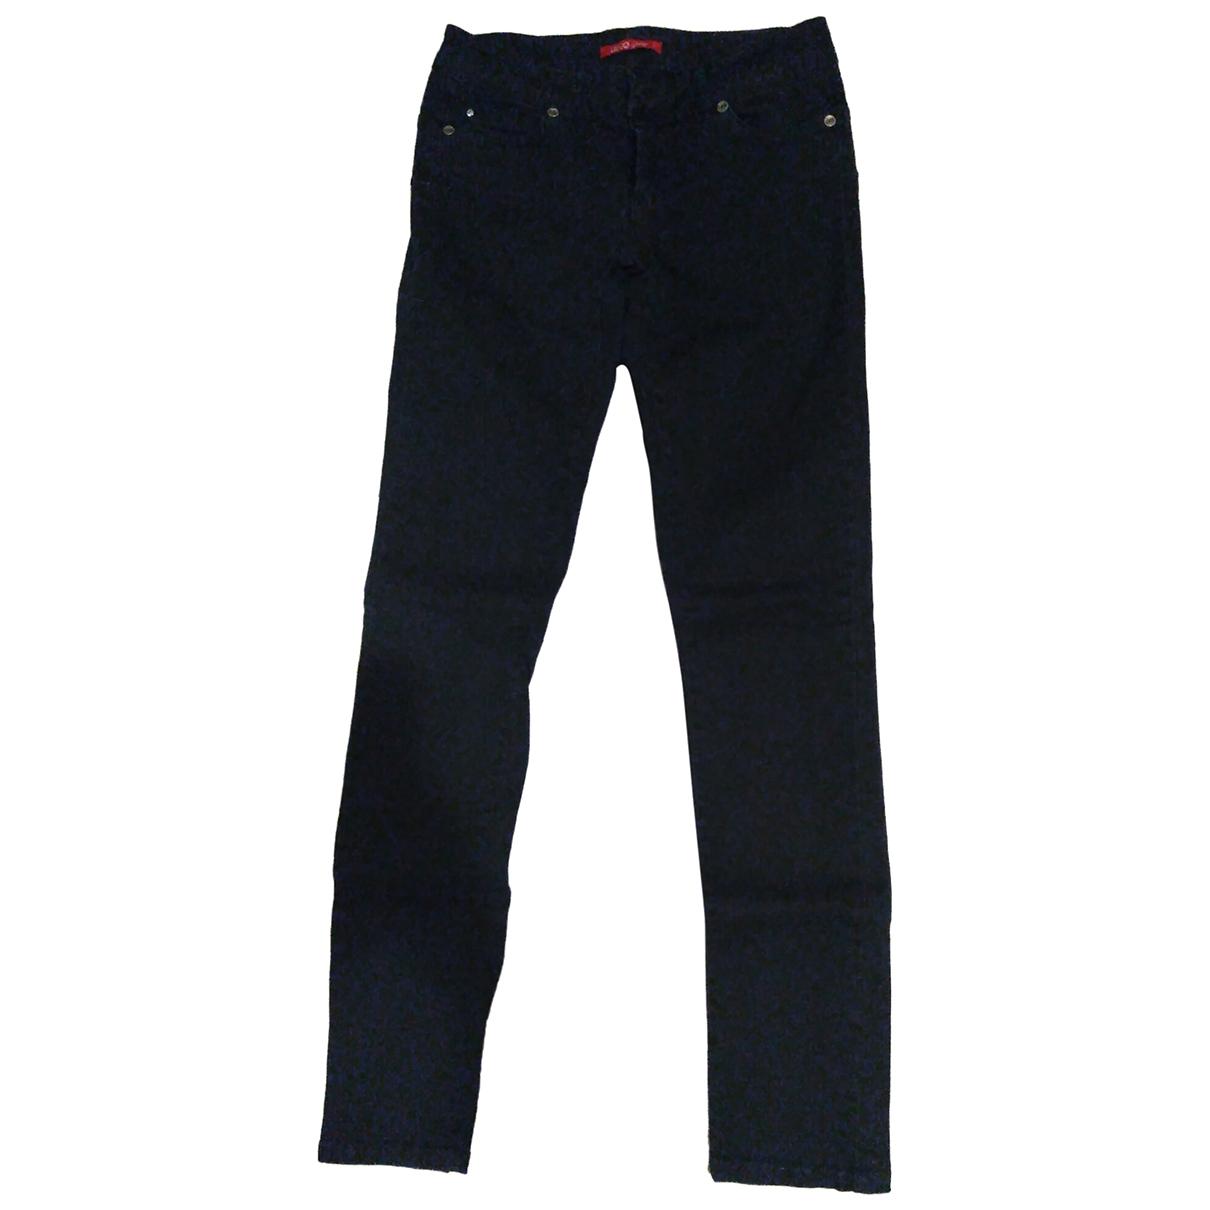 Liu.jo \N Black Denim - Jeans Jeans for Women 40 FR